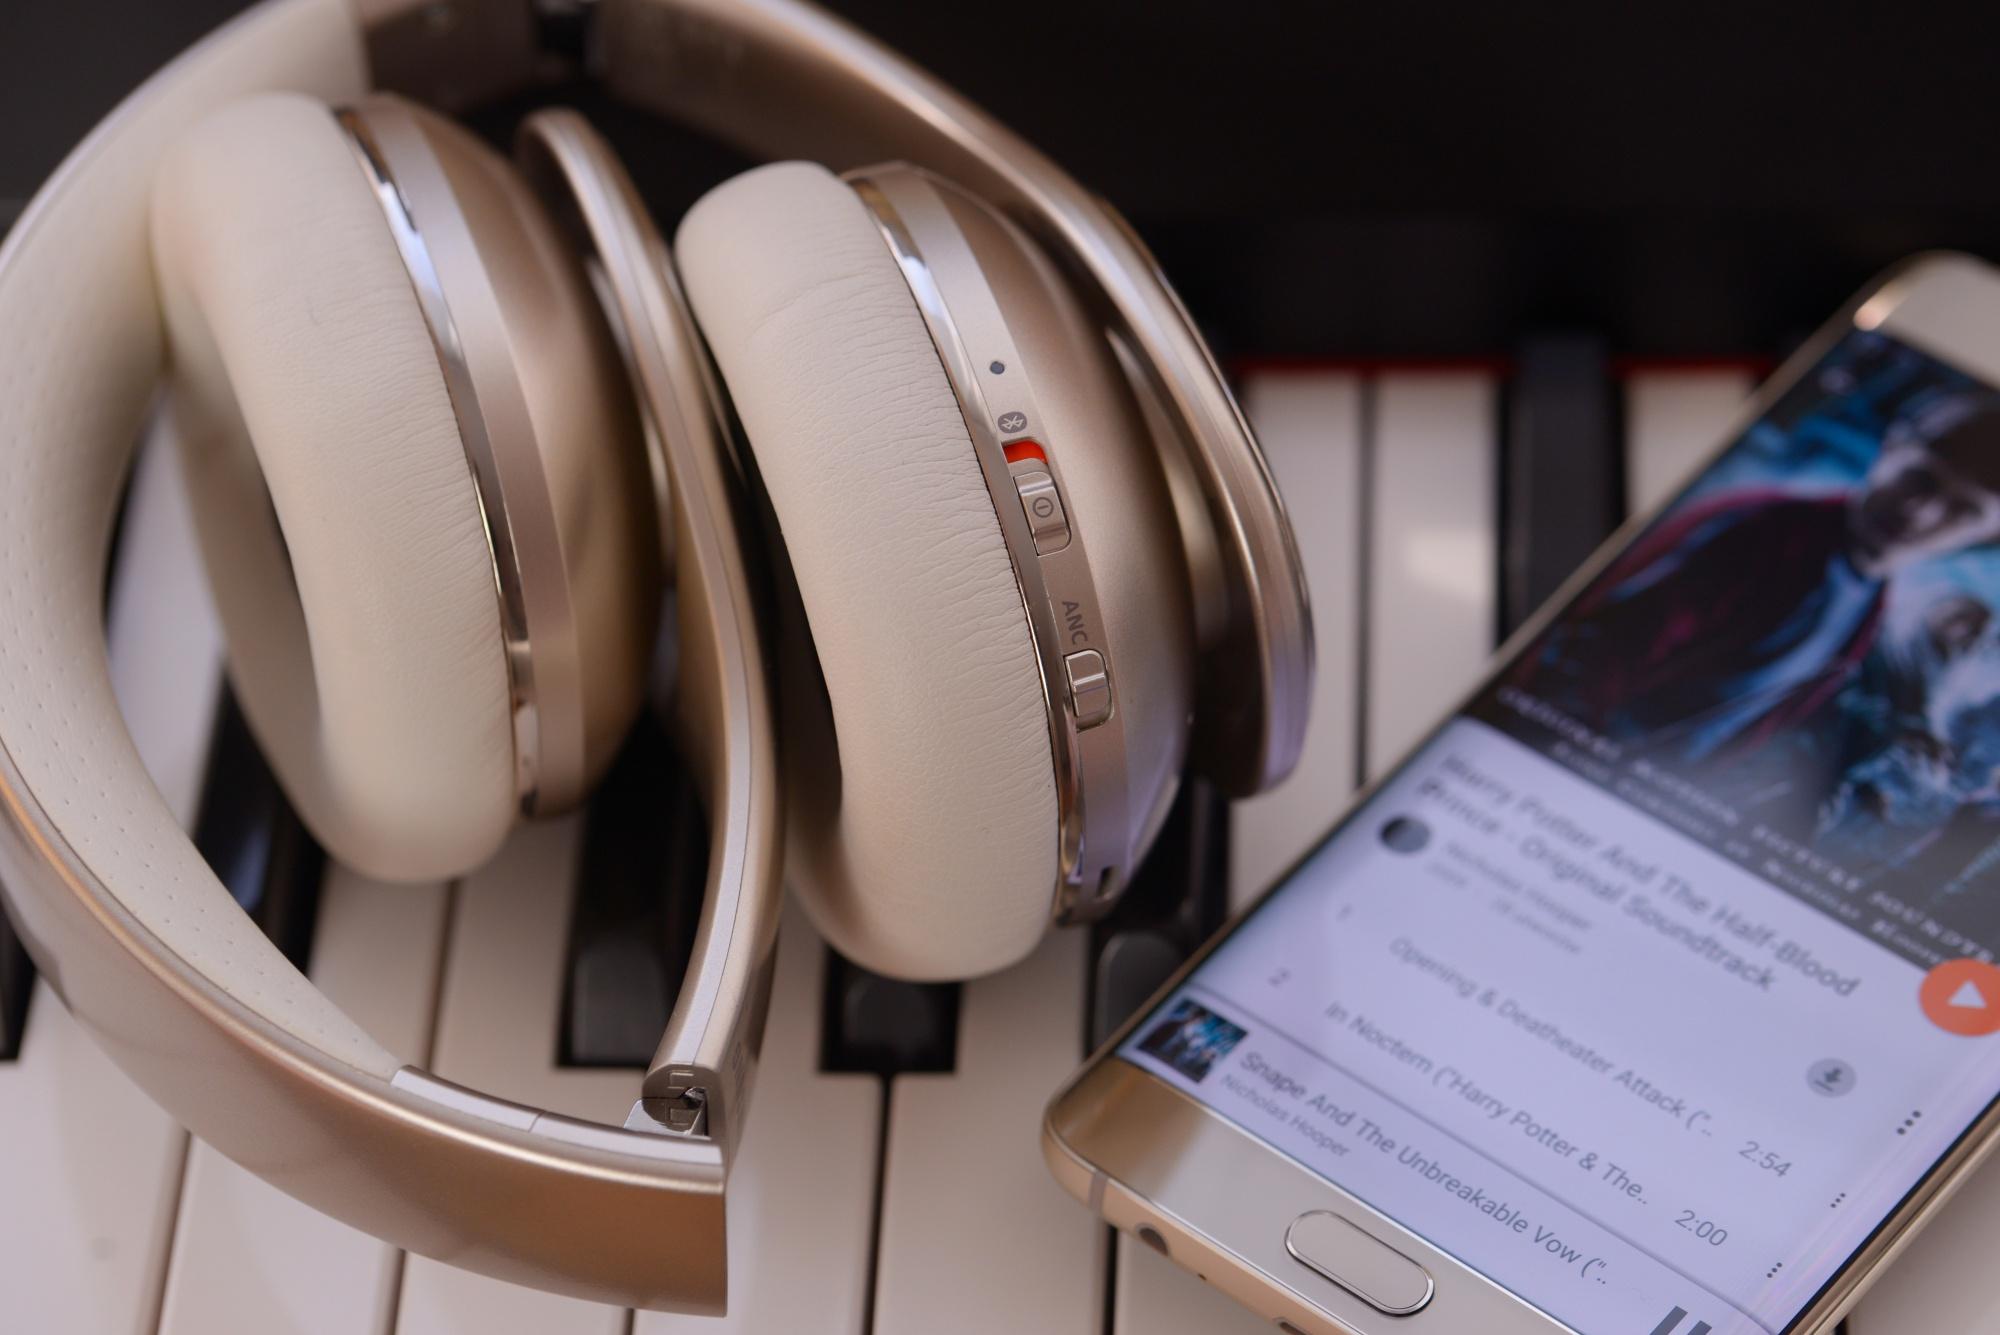 Z pamiętnika podróżnika: w poszukiwaniu dobrych słuchawek Bluetooth